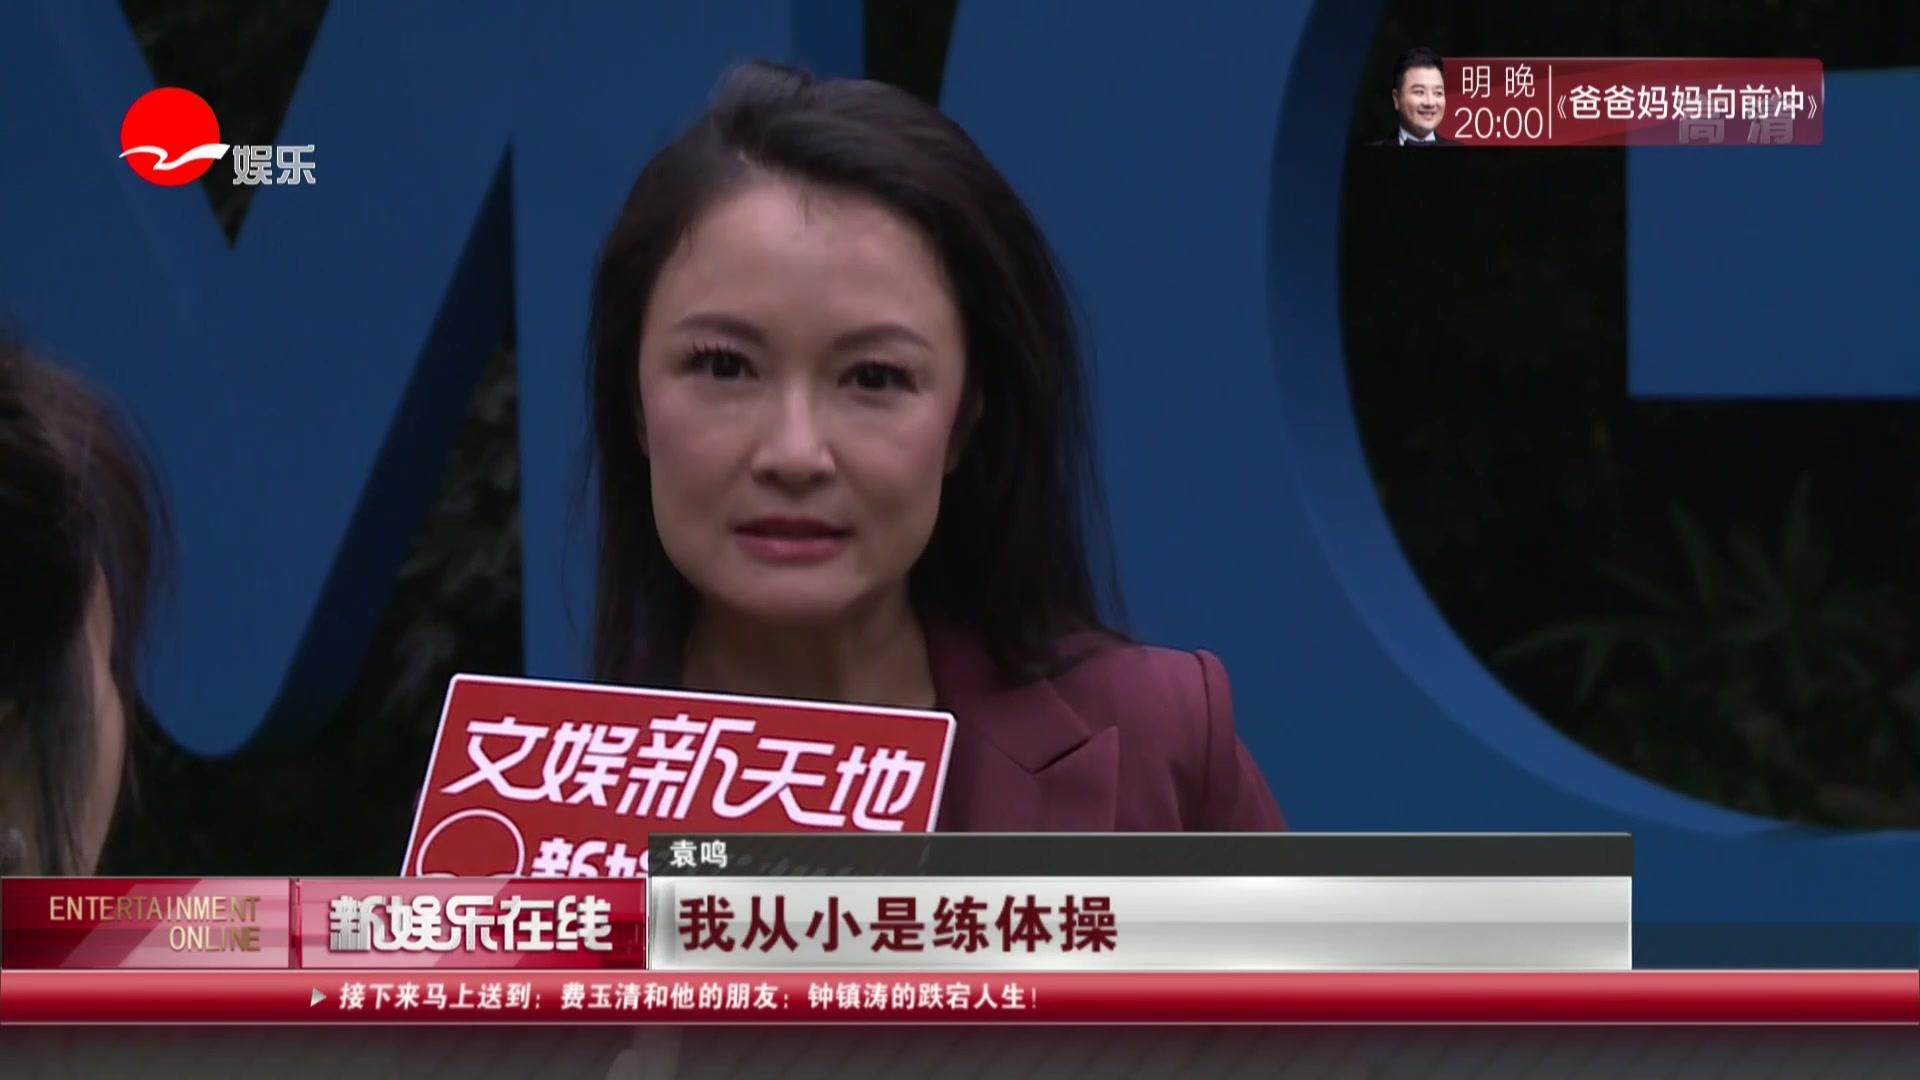 """从少儿节目到新闻主播  袁鸣的""""转型之路"""""""